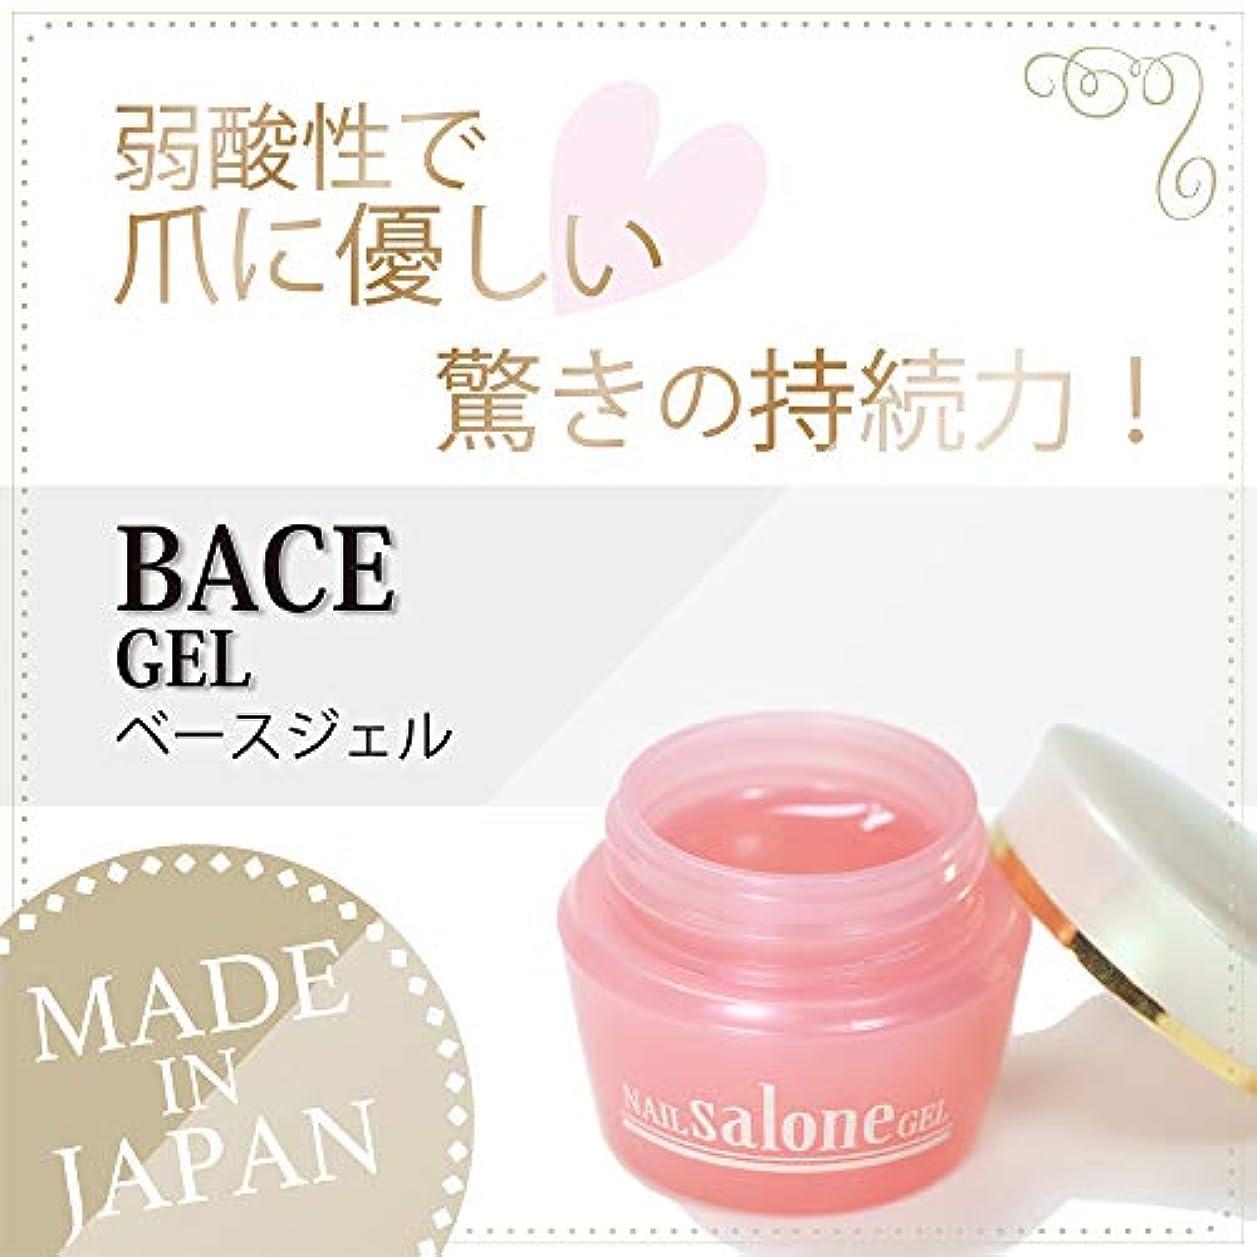 骨の折れる家主肉Salone gel サローネ ベースジェル 爪に優しい 日本製 驚きの密着力 リムーバーでオフも簡単3g